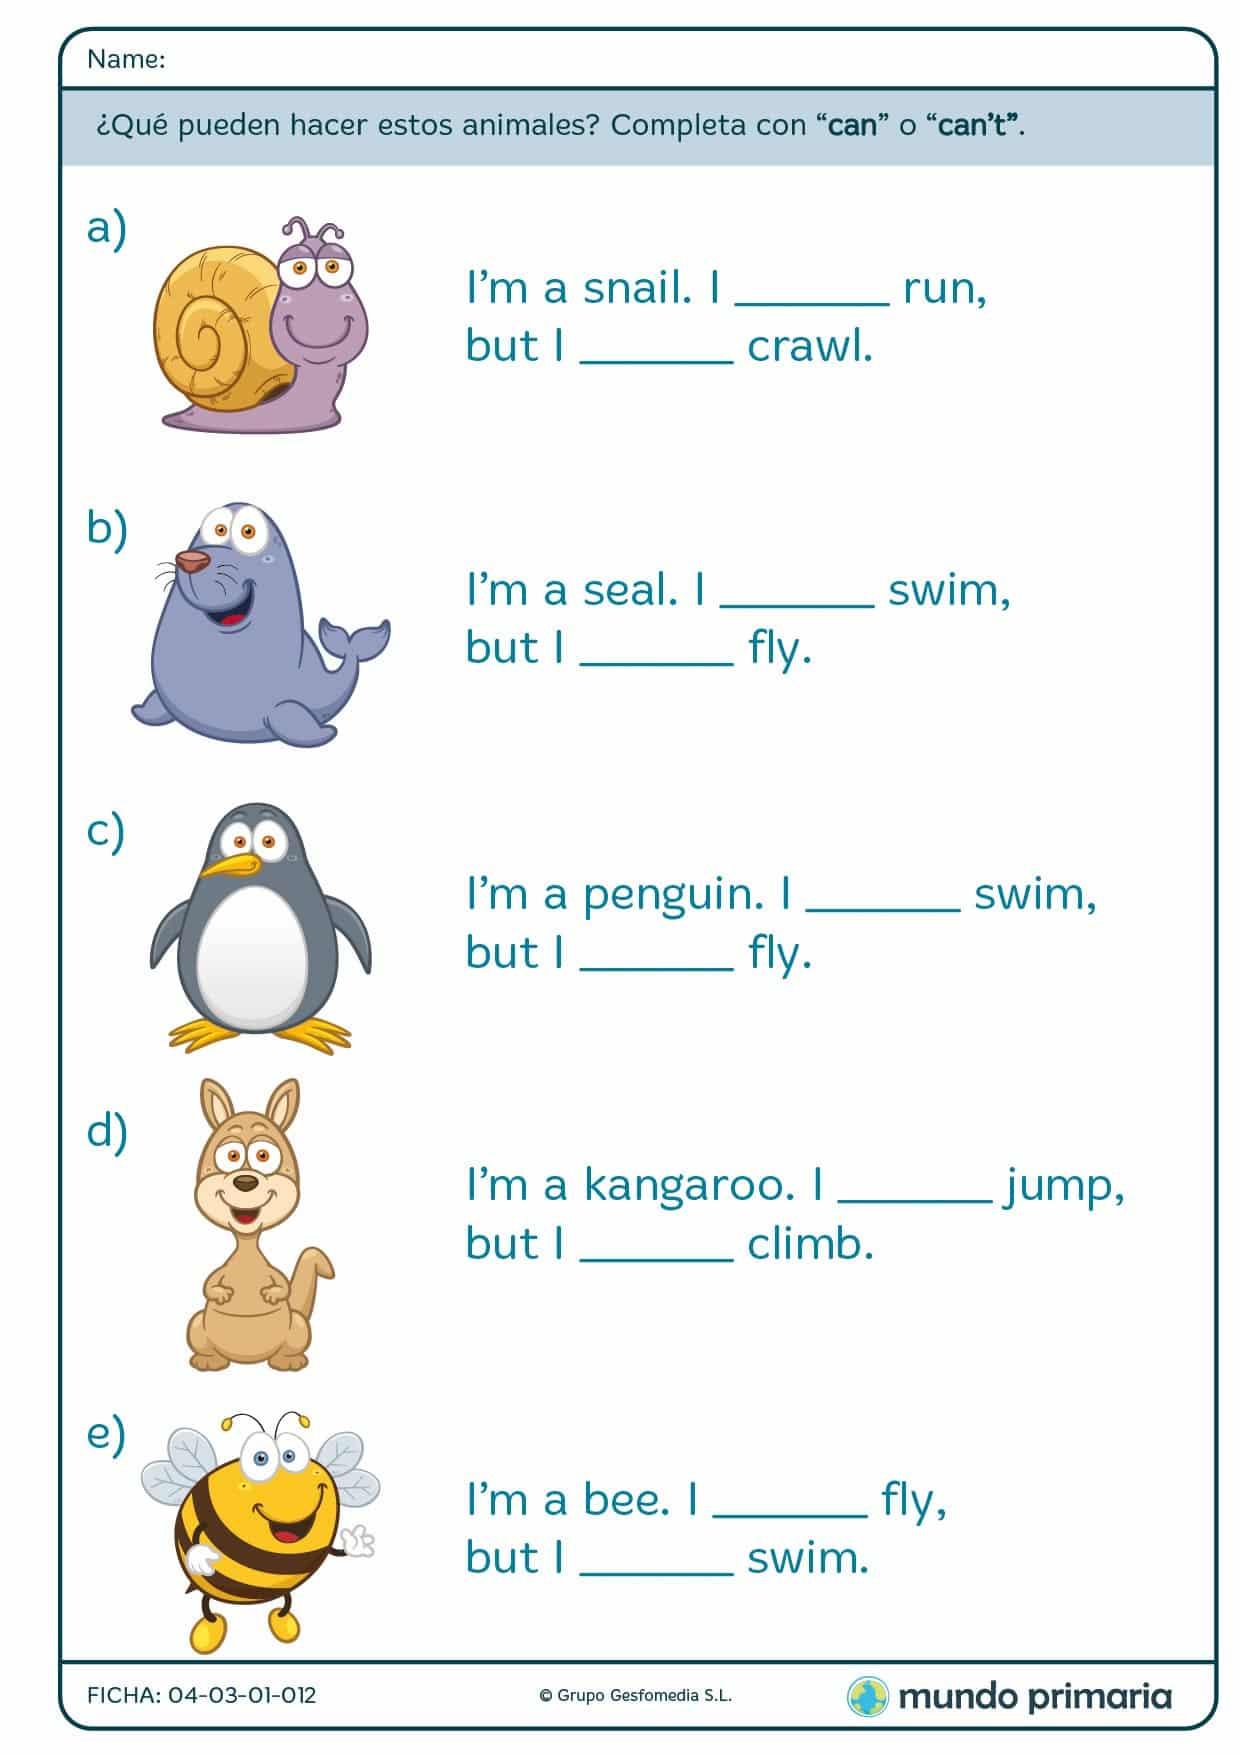 ¿Qué actividades pueden hacer los siguientes animales? Responde